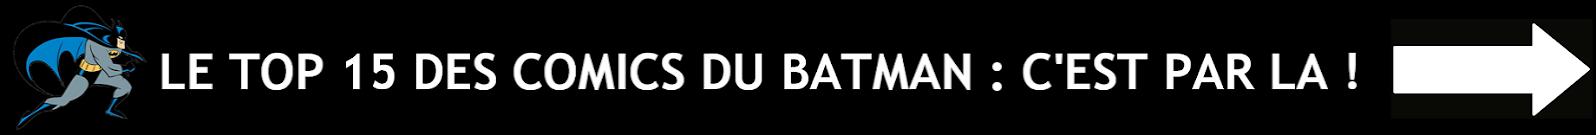 Top 15 des meilleurs comics du Batman